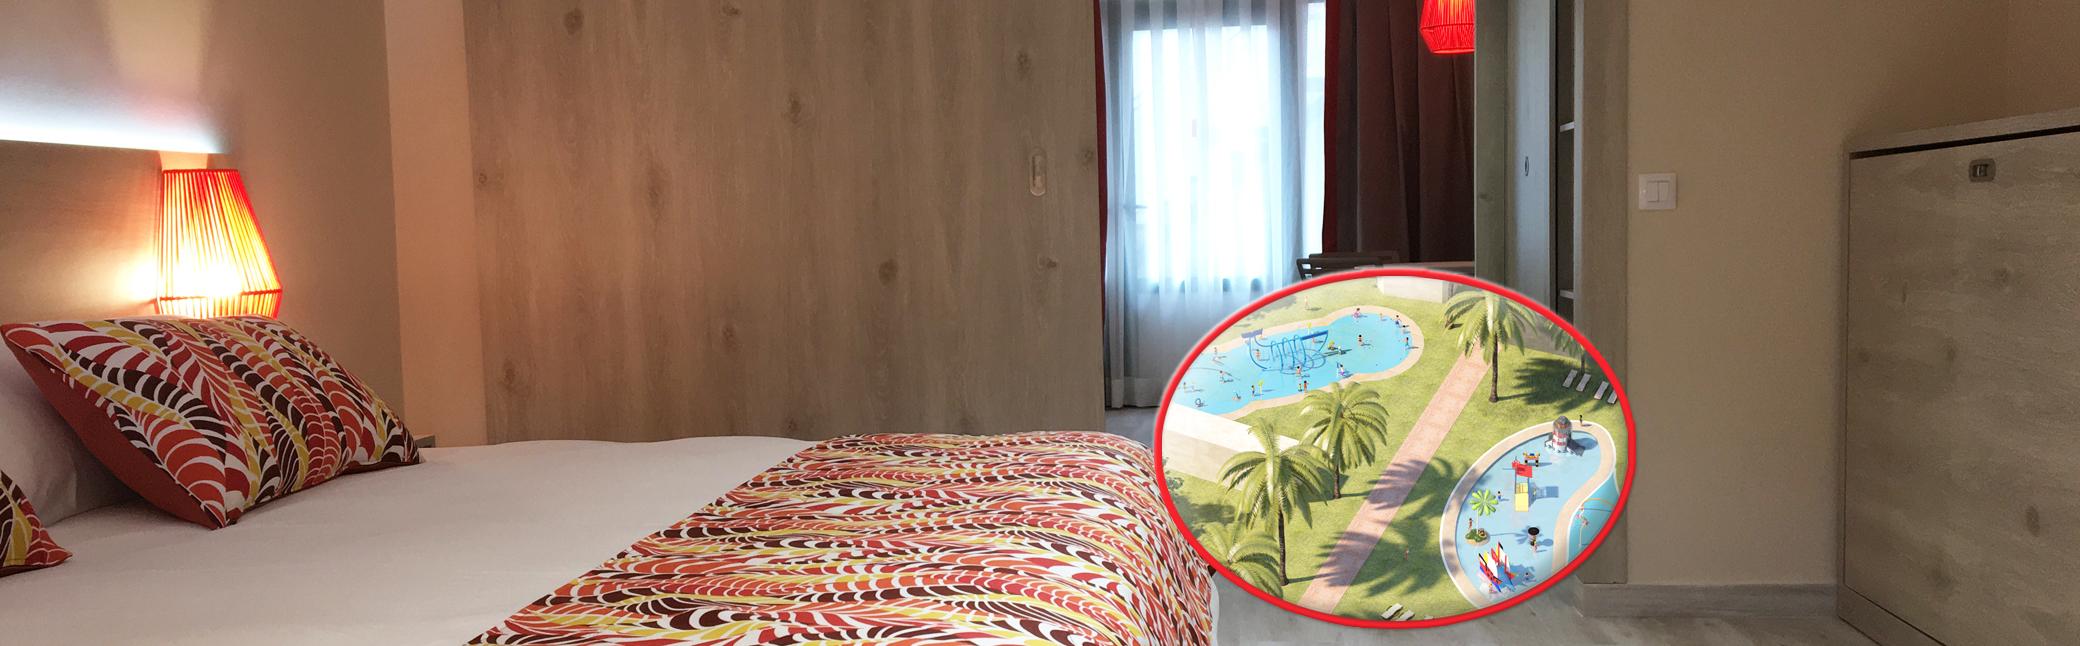 Hoteles medplaya web oficial hotel en salou hotel en for Habitaciones familiares vacaciones